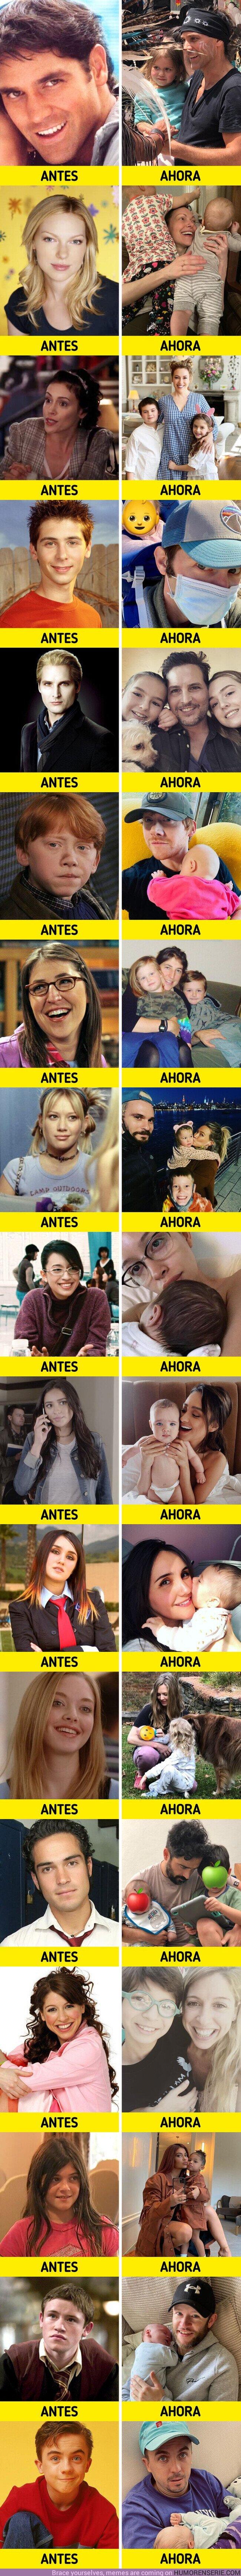 71066 - GALERÍA: 17 Famosos de nuestra juventud que crecieron muy rápido y ya son padres o madres